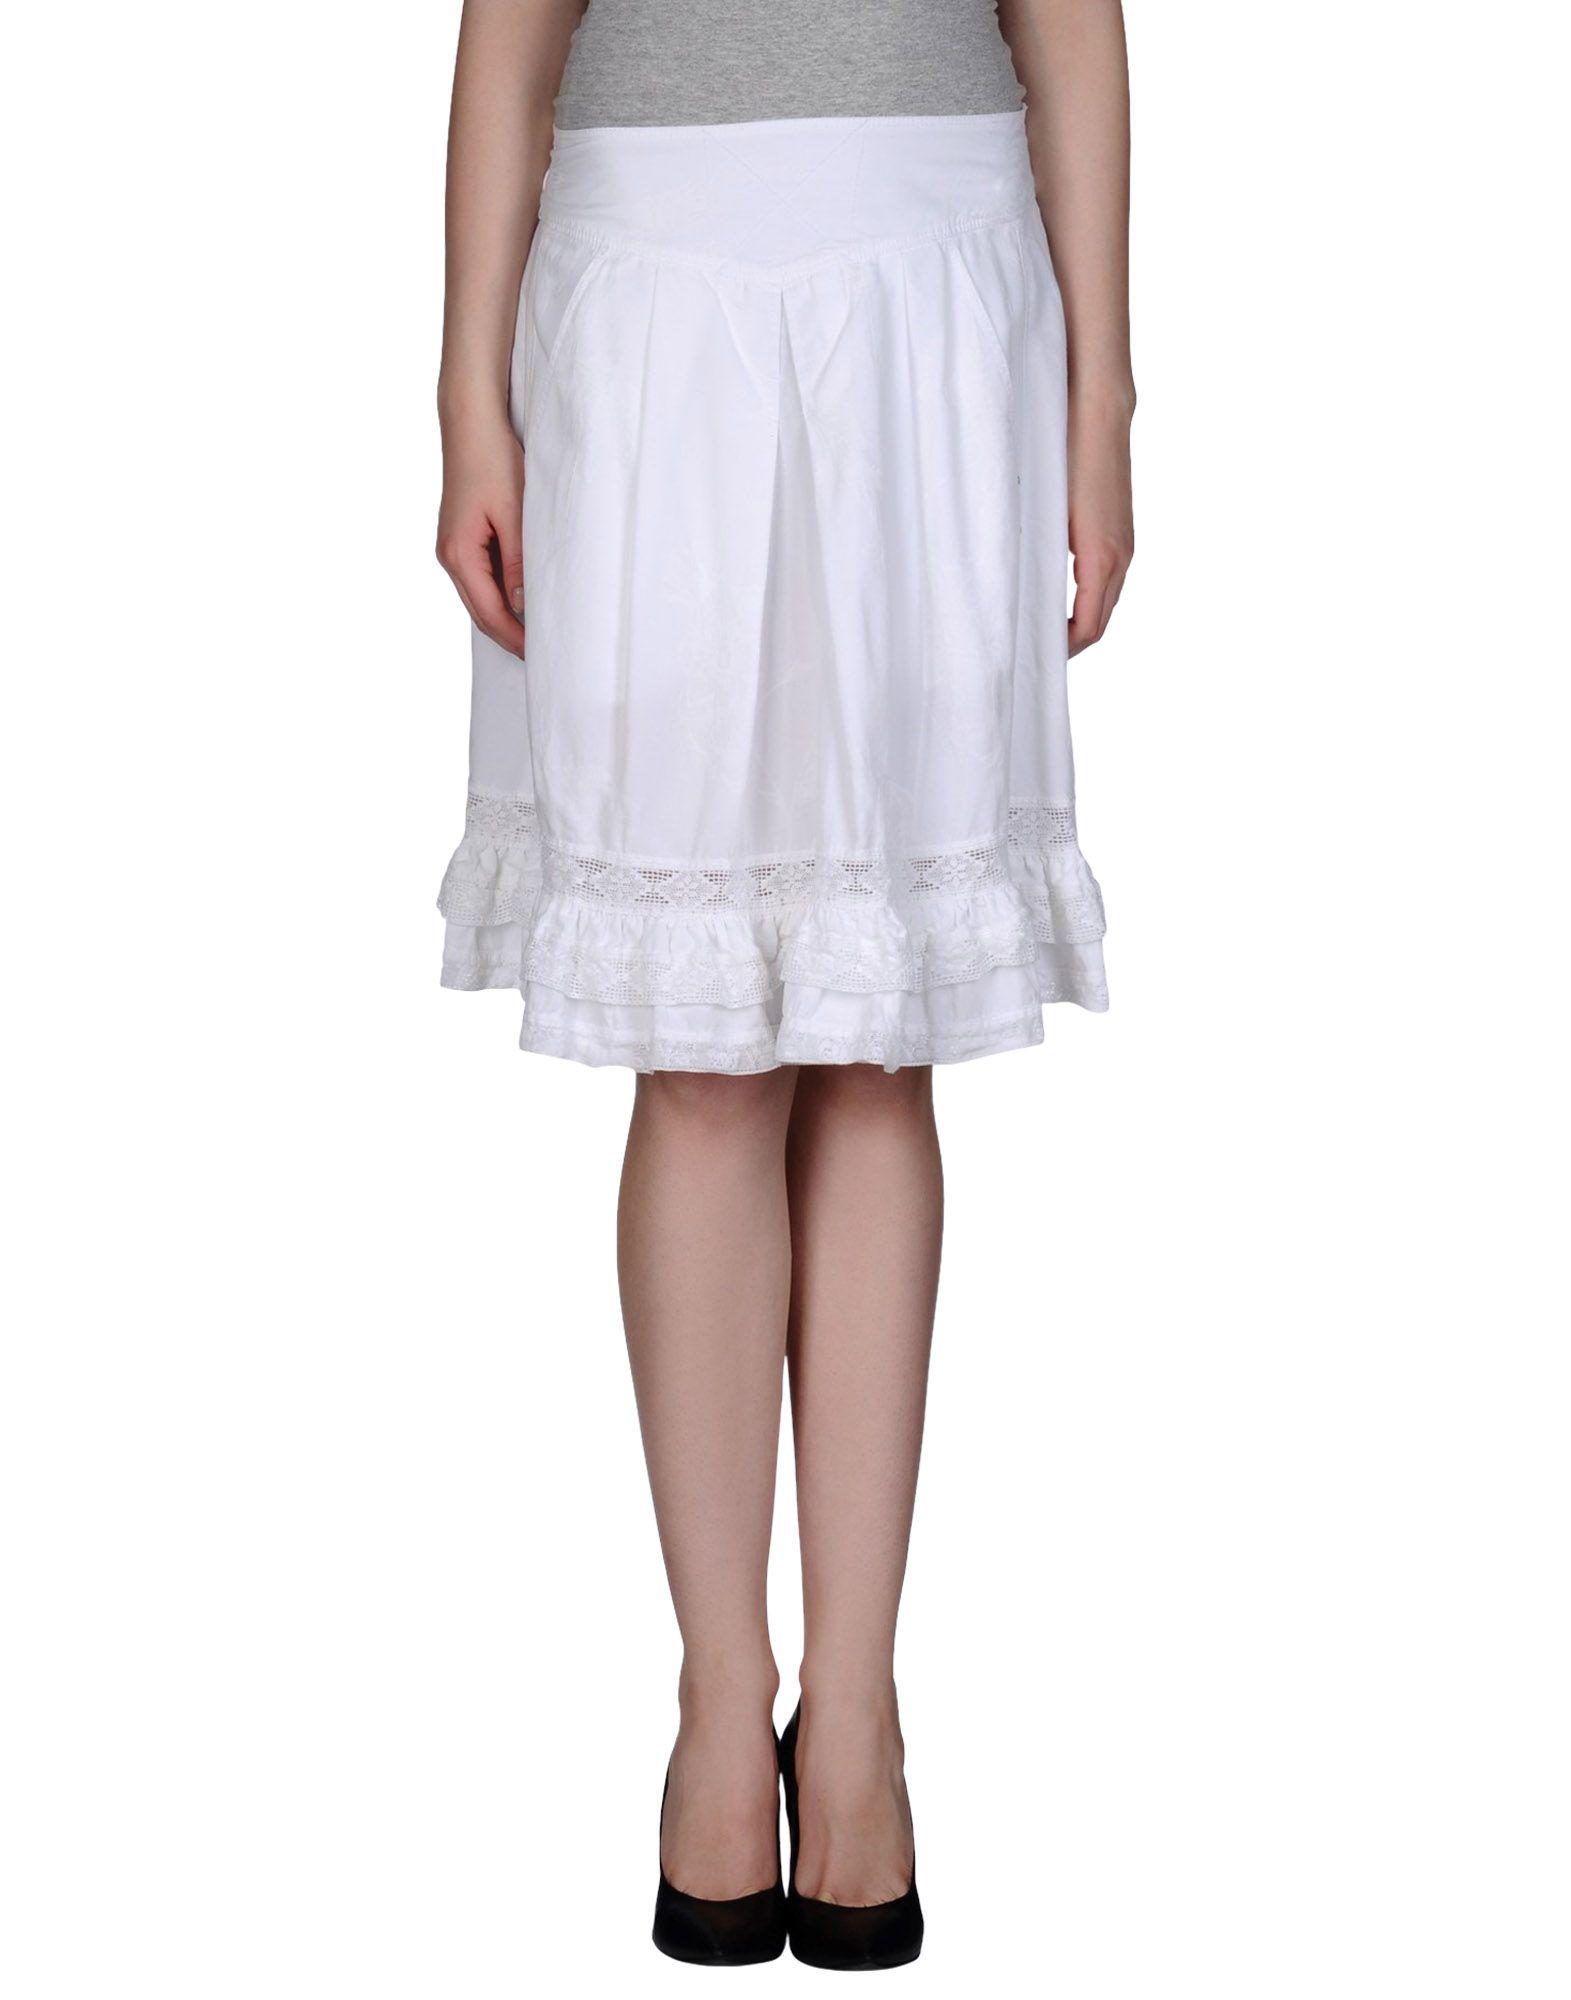 Skirt Knee High 91